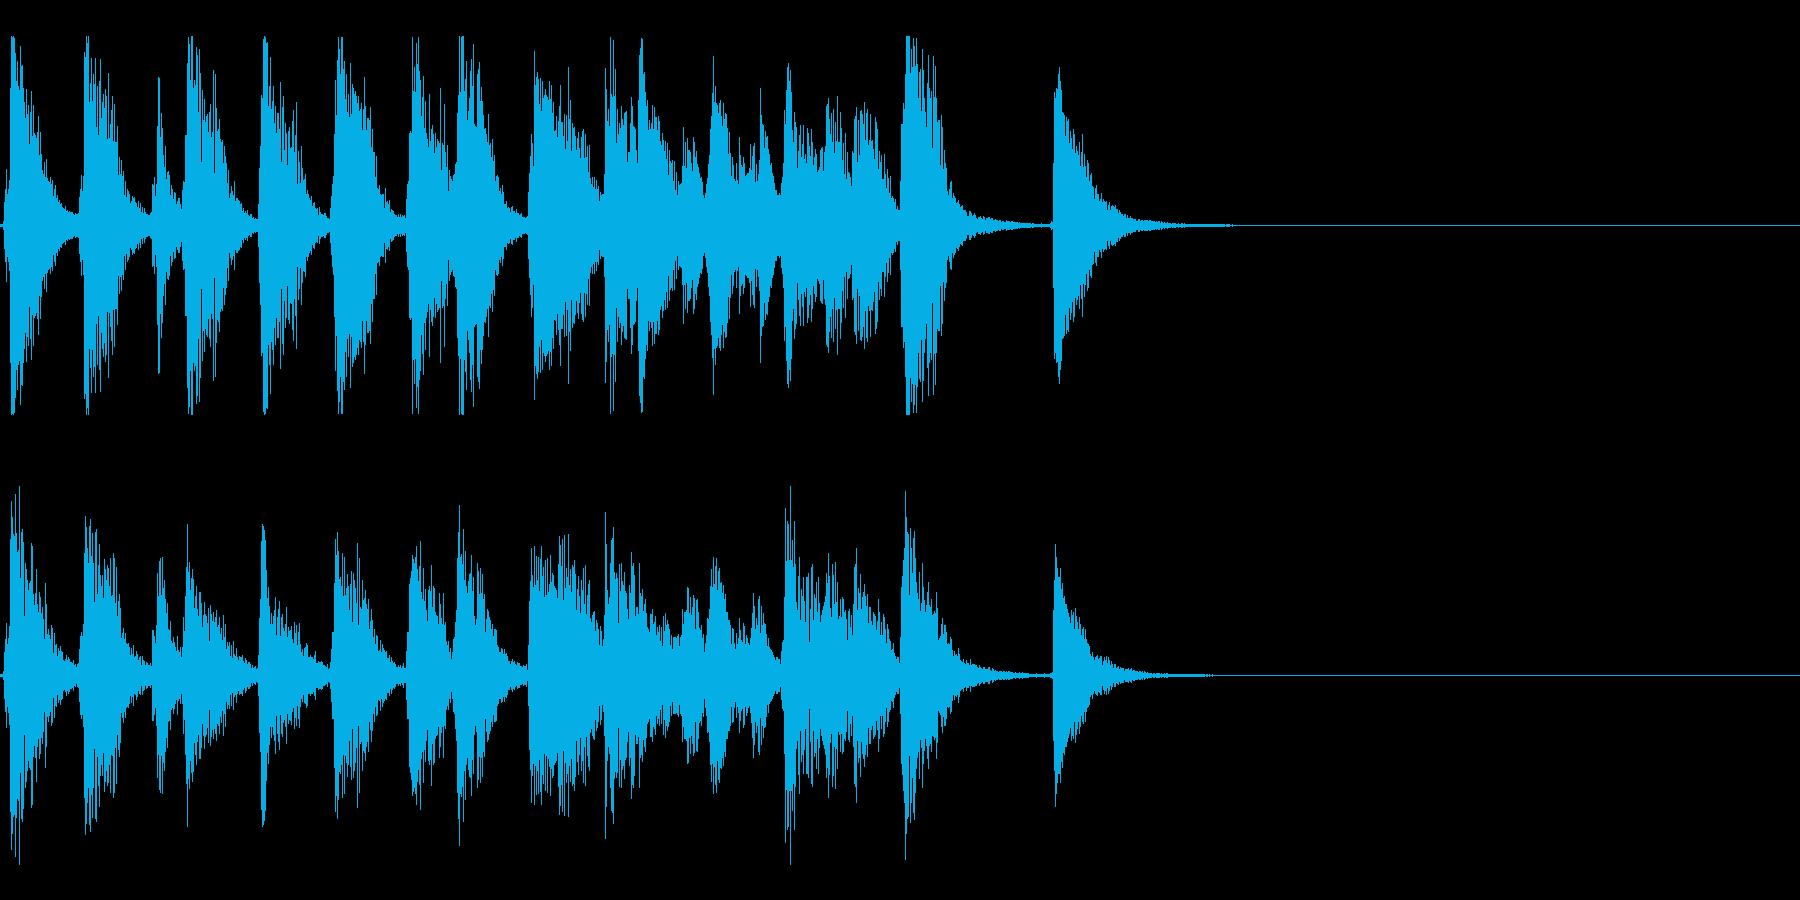 お洒落でリズミカルな6秒ジャズピアノ2の再生済みの波形